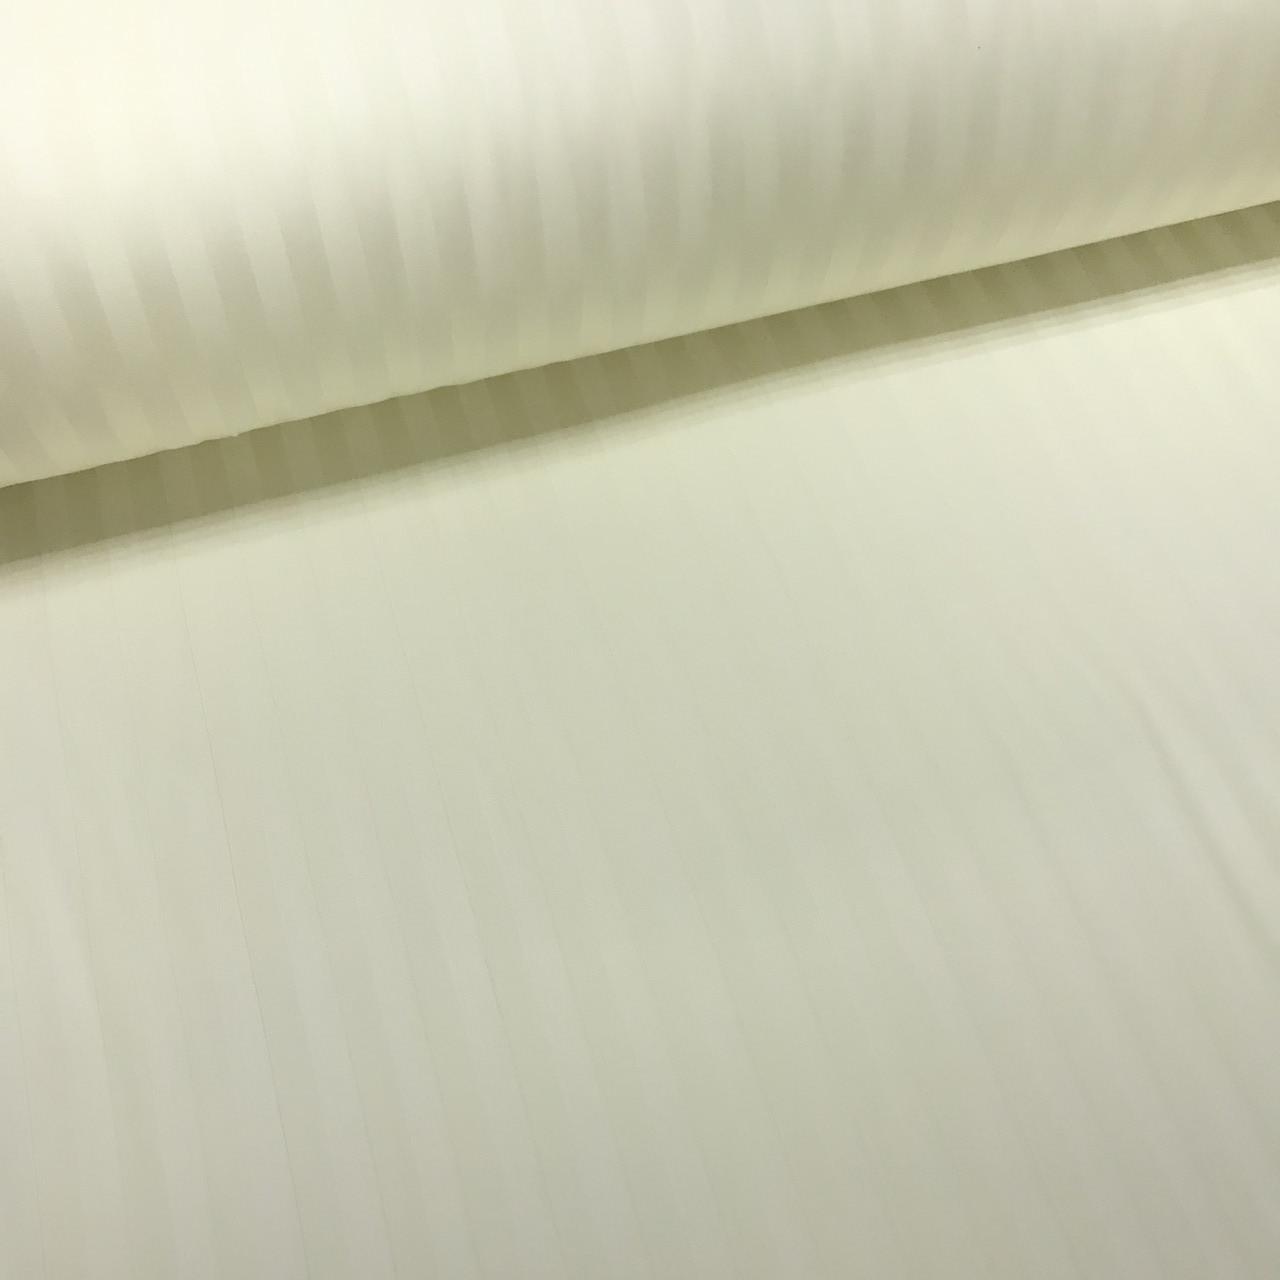 Сатин 100% хлопок  (ТУРЦИЯ шир. 2,4 м) Stripes цвет бледно-желтый